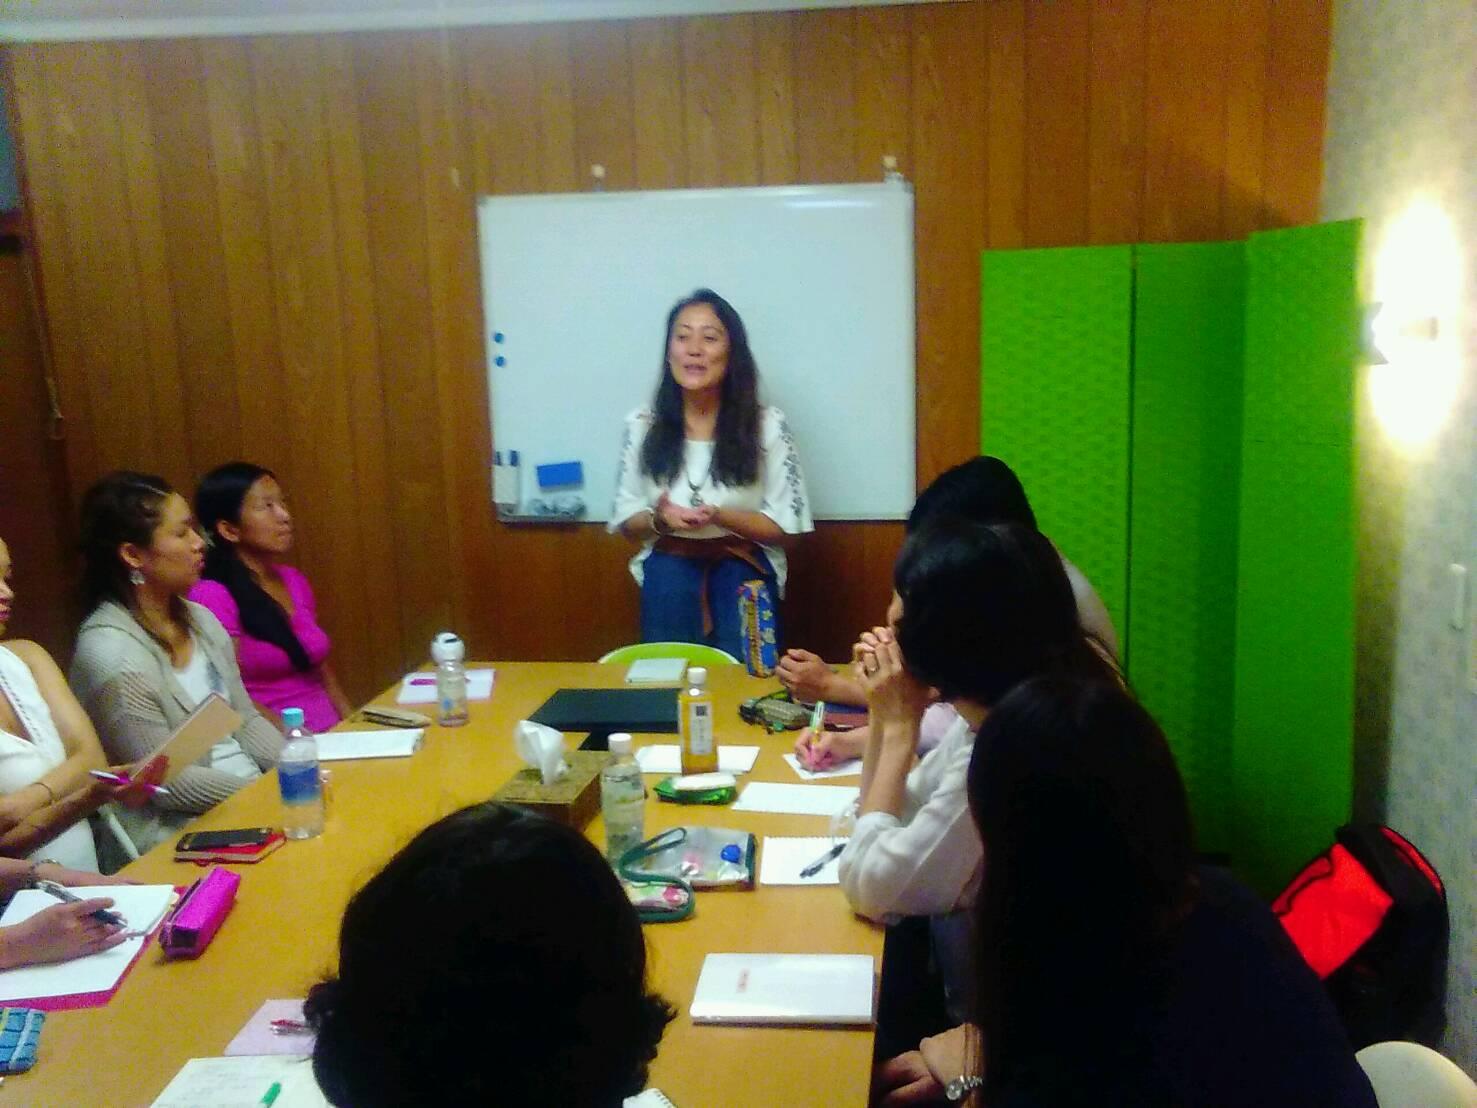 2594 - 池川明先生の愛の子育て塾第13期生(2018年8月~2018年12月)募集中です。